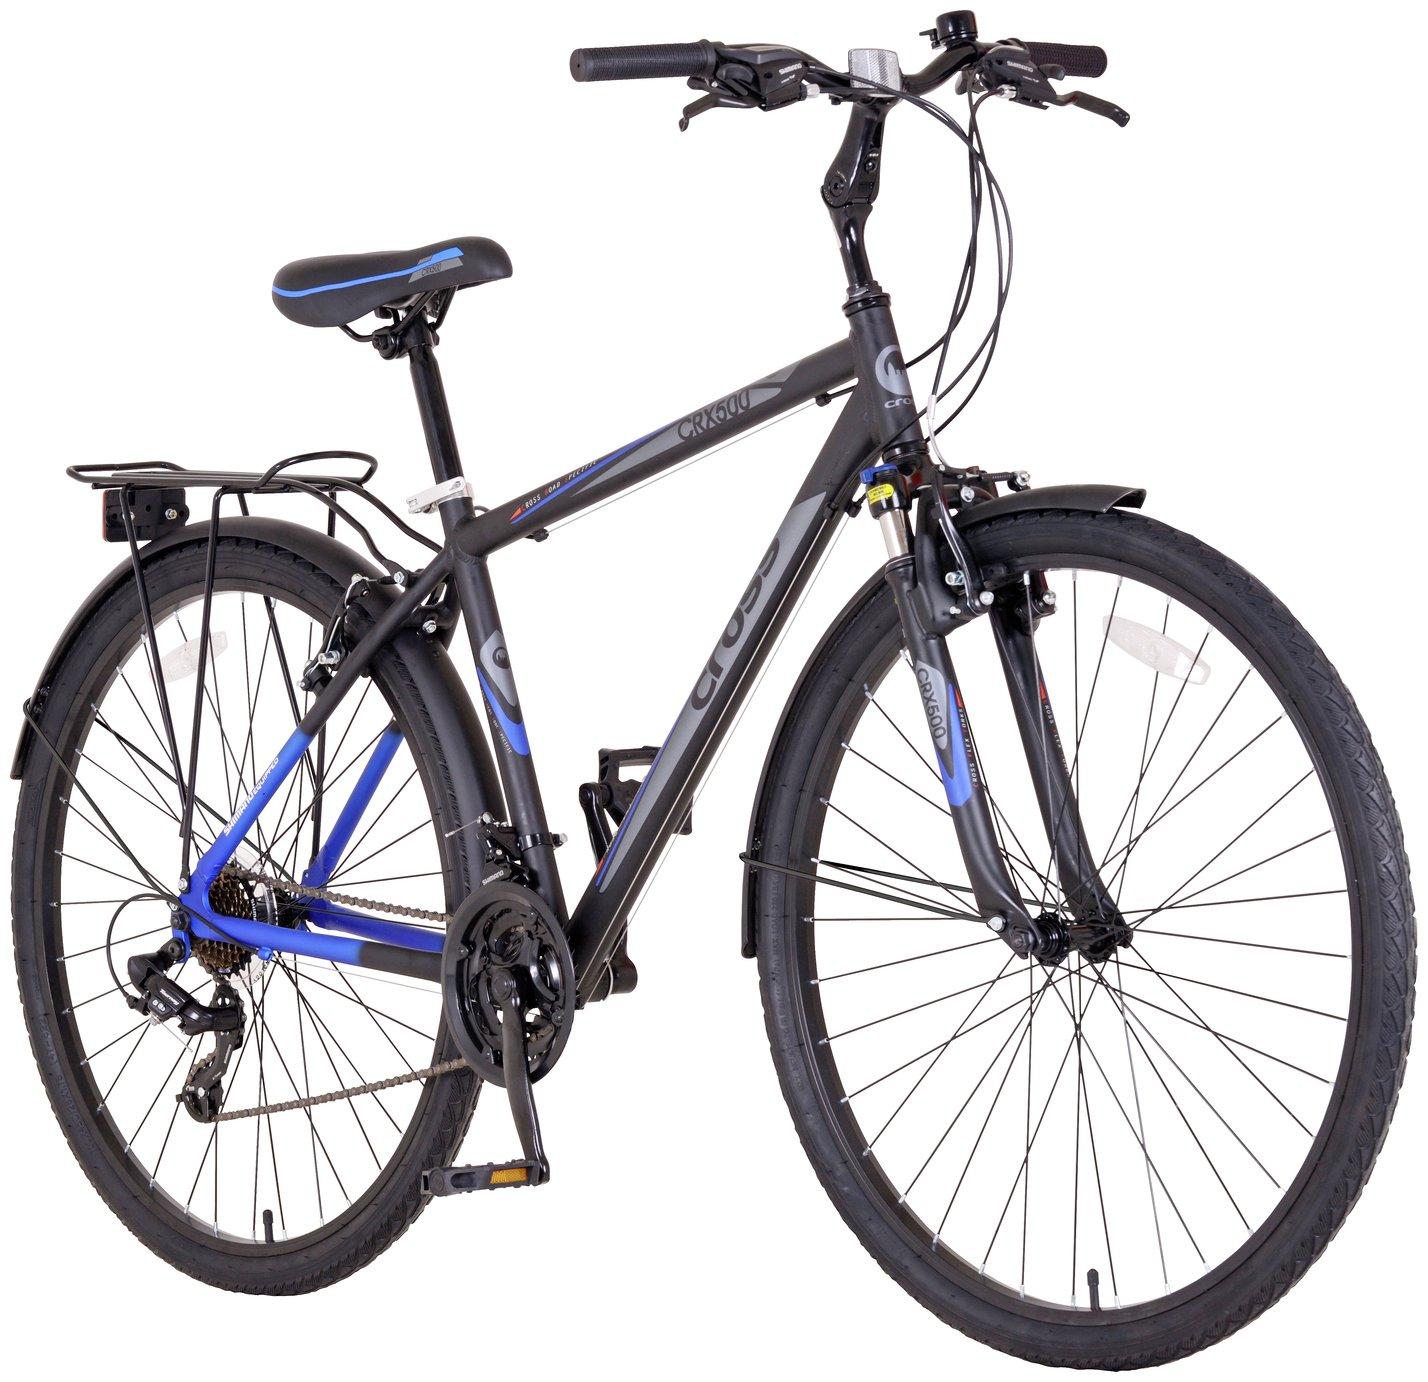 Image of Cross CRX500 700c Hybrid Bike - Mens